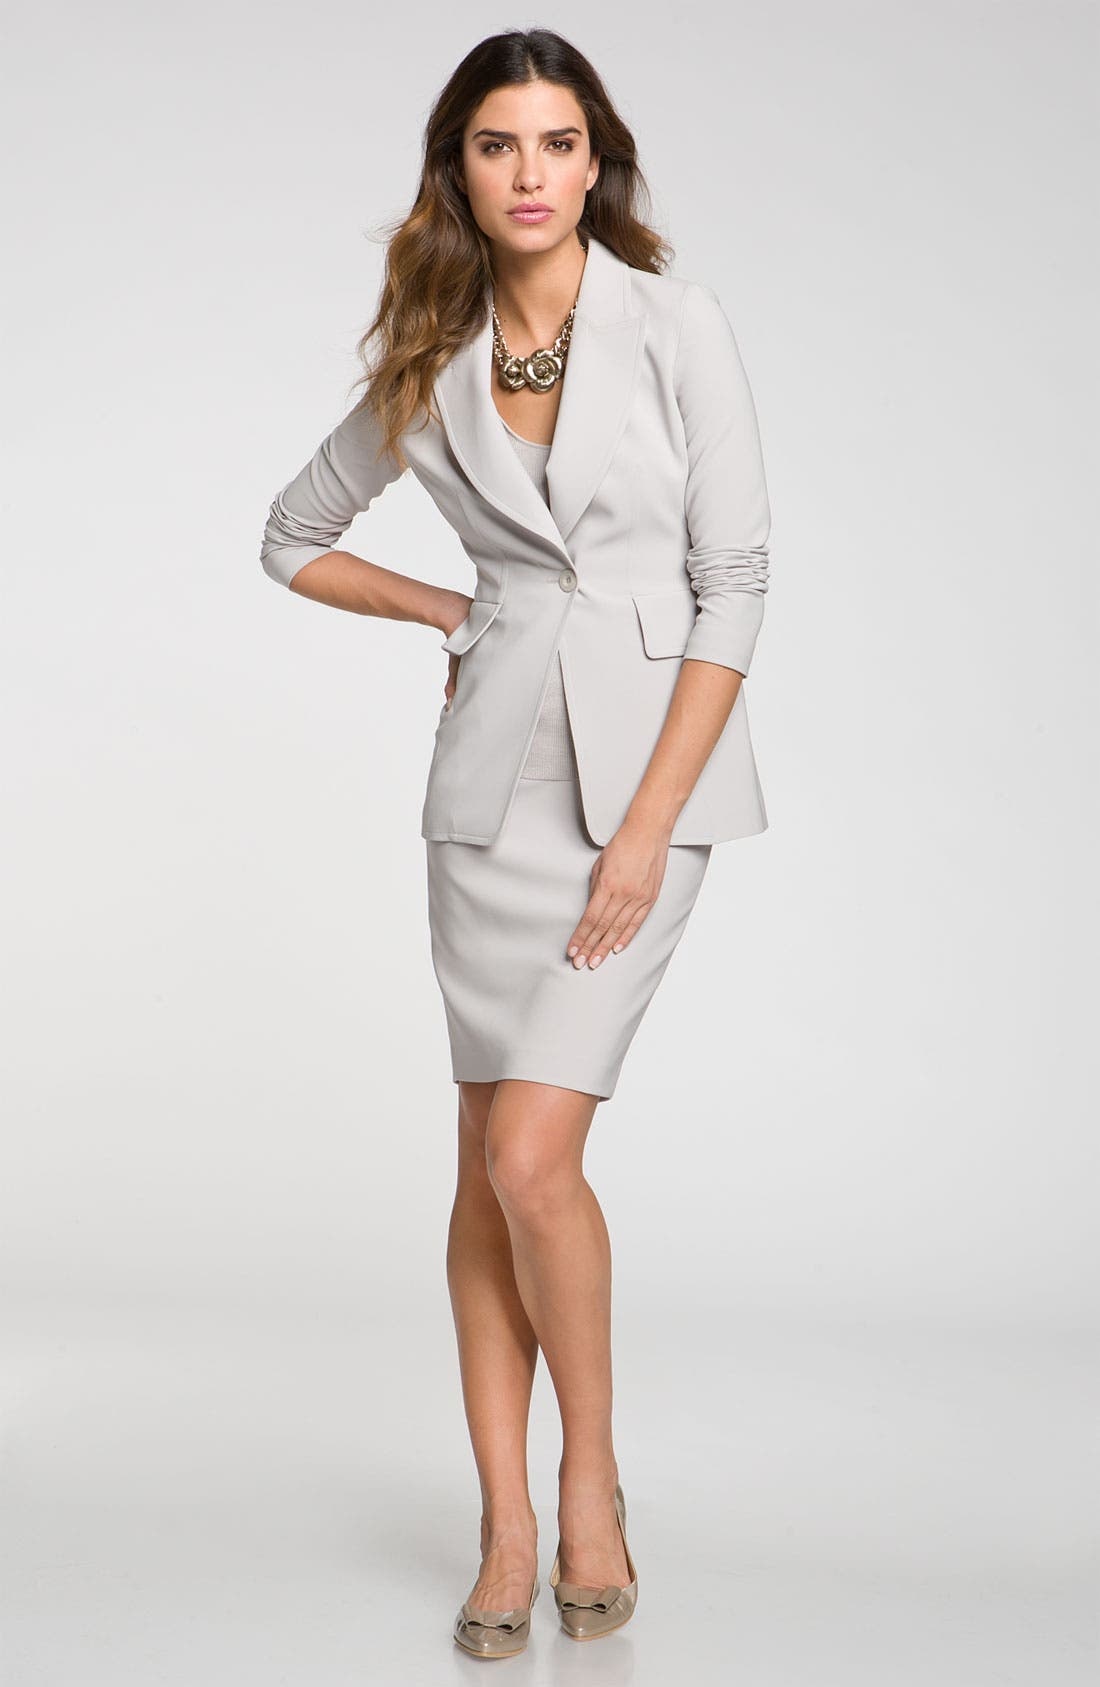 Alternate Image 1 Selected - St. John Collection Blazer & Skirt